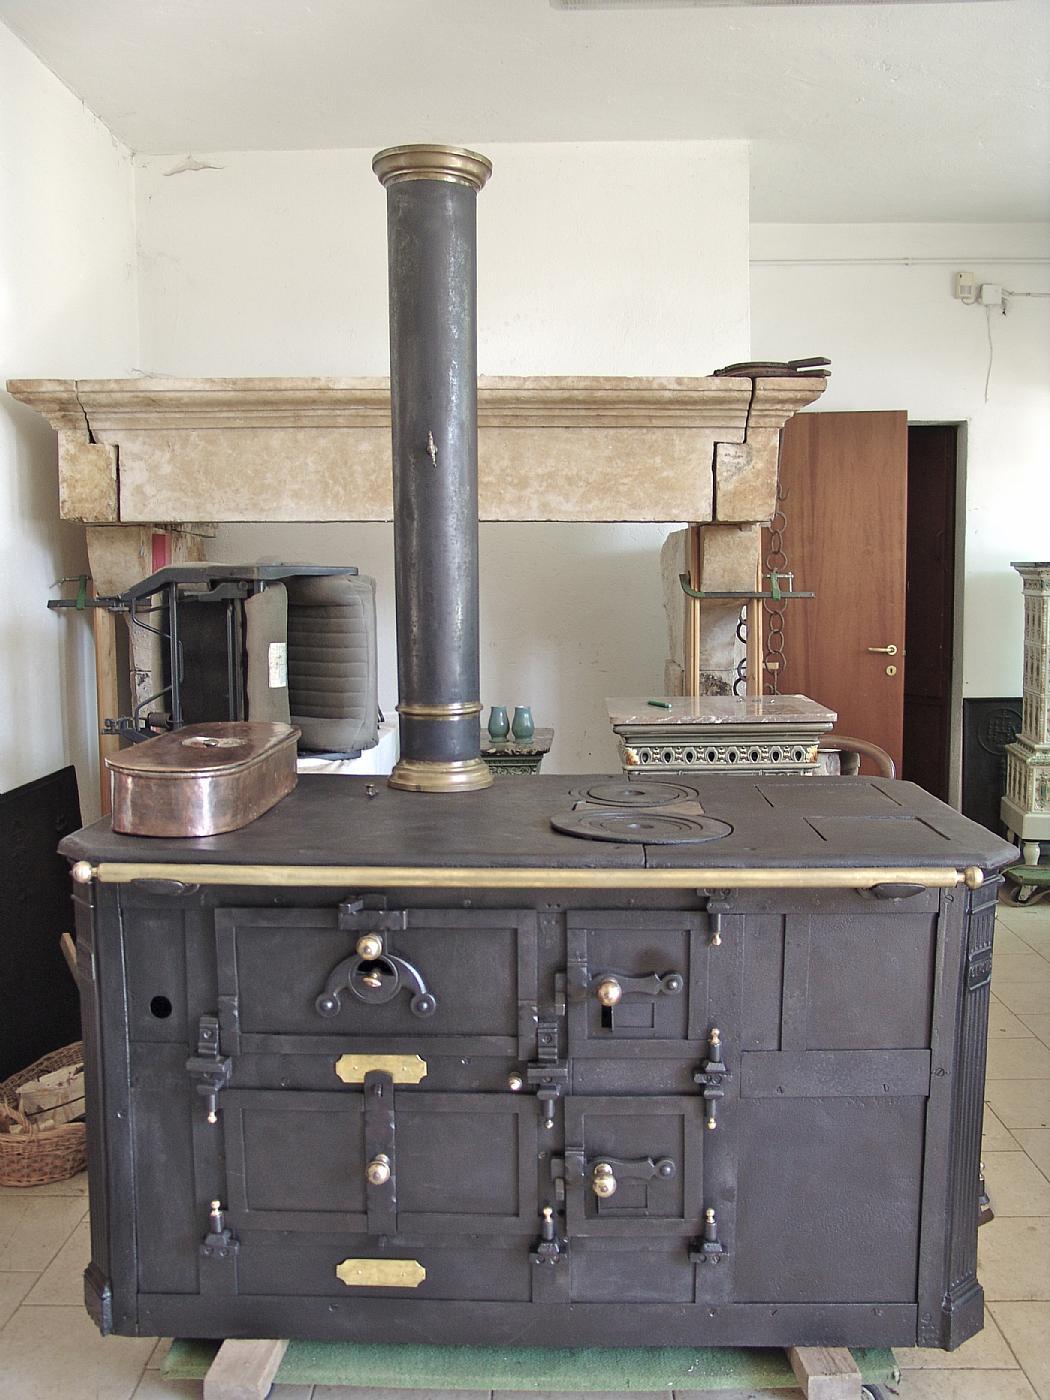 Stufa cucina piemontese antiquariato su anticoantico - Cucina piemontese torino ...